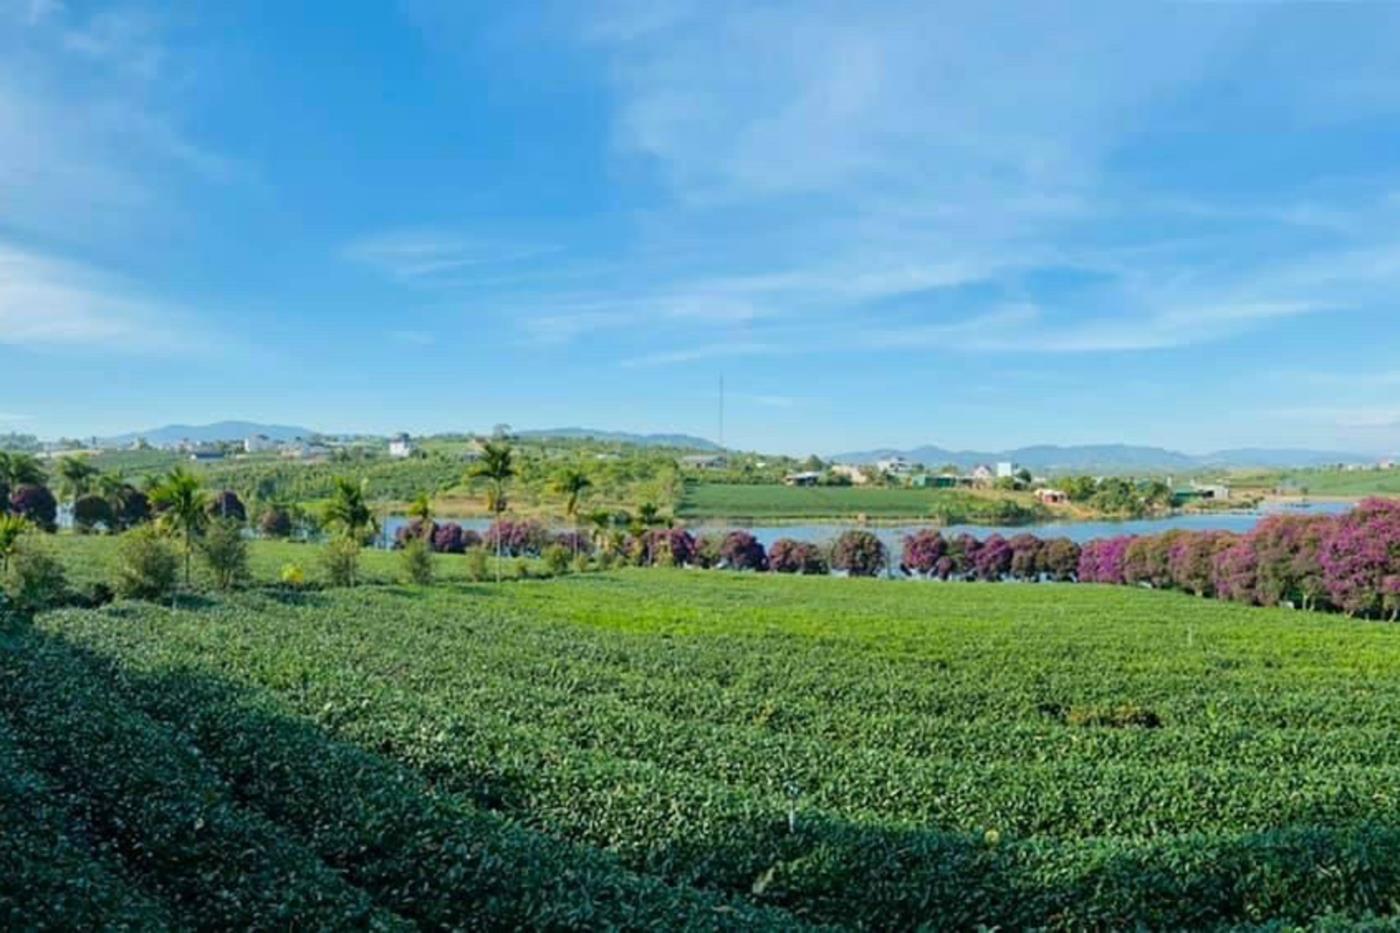 Tiềm năng du lịch từ thành phố Bảo Lộc